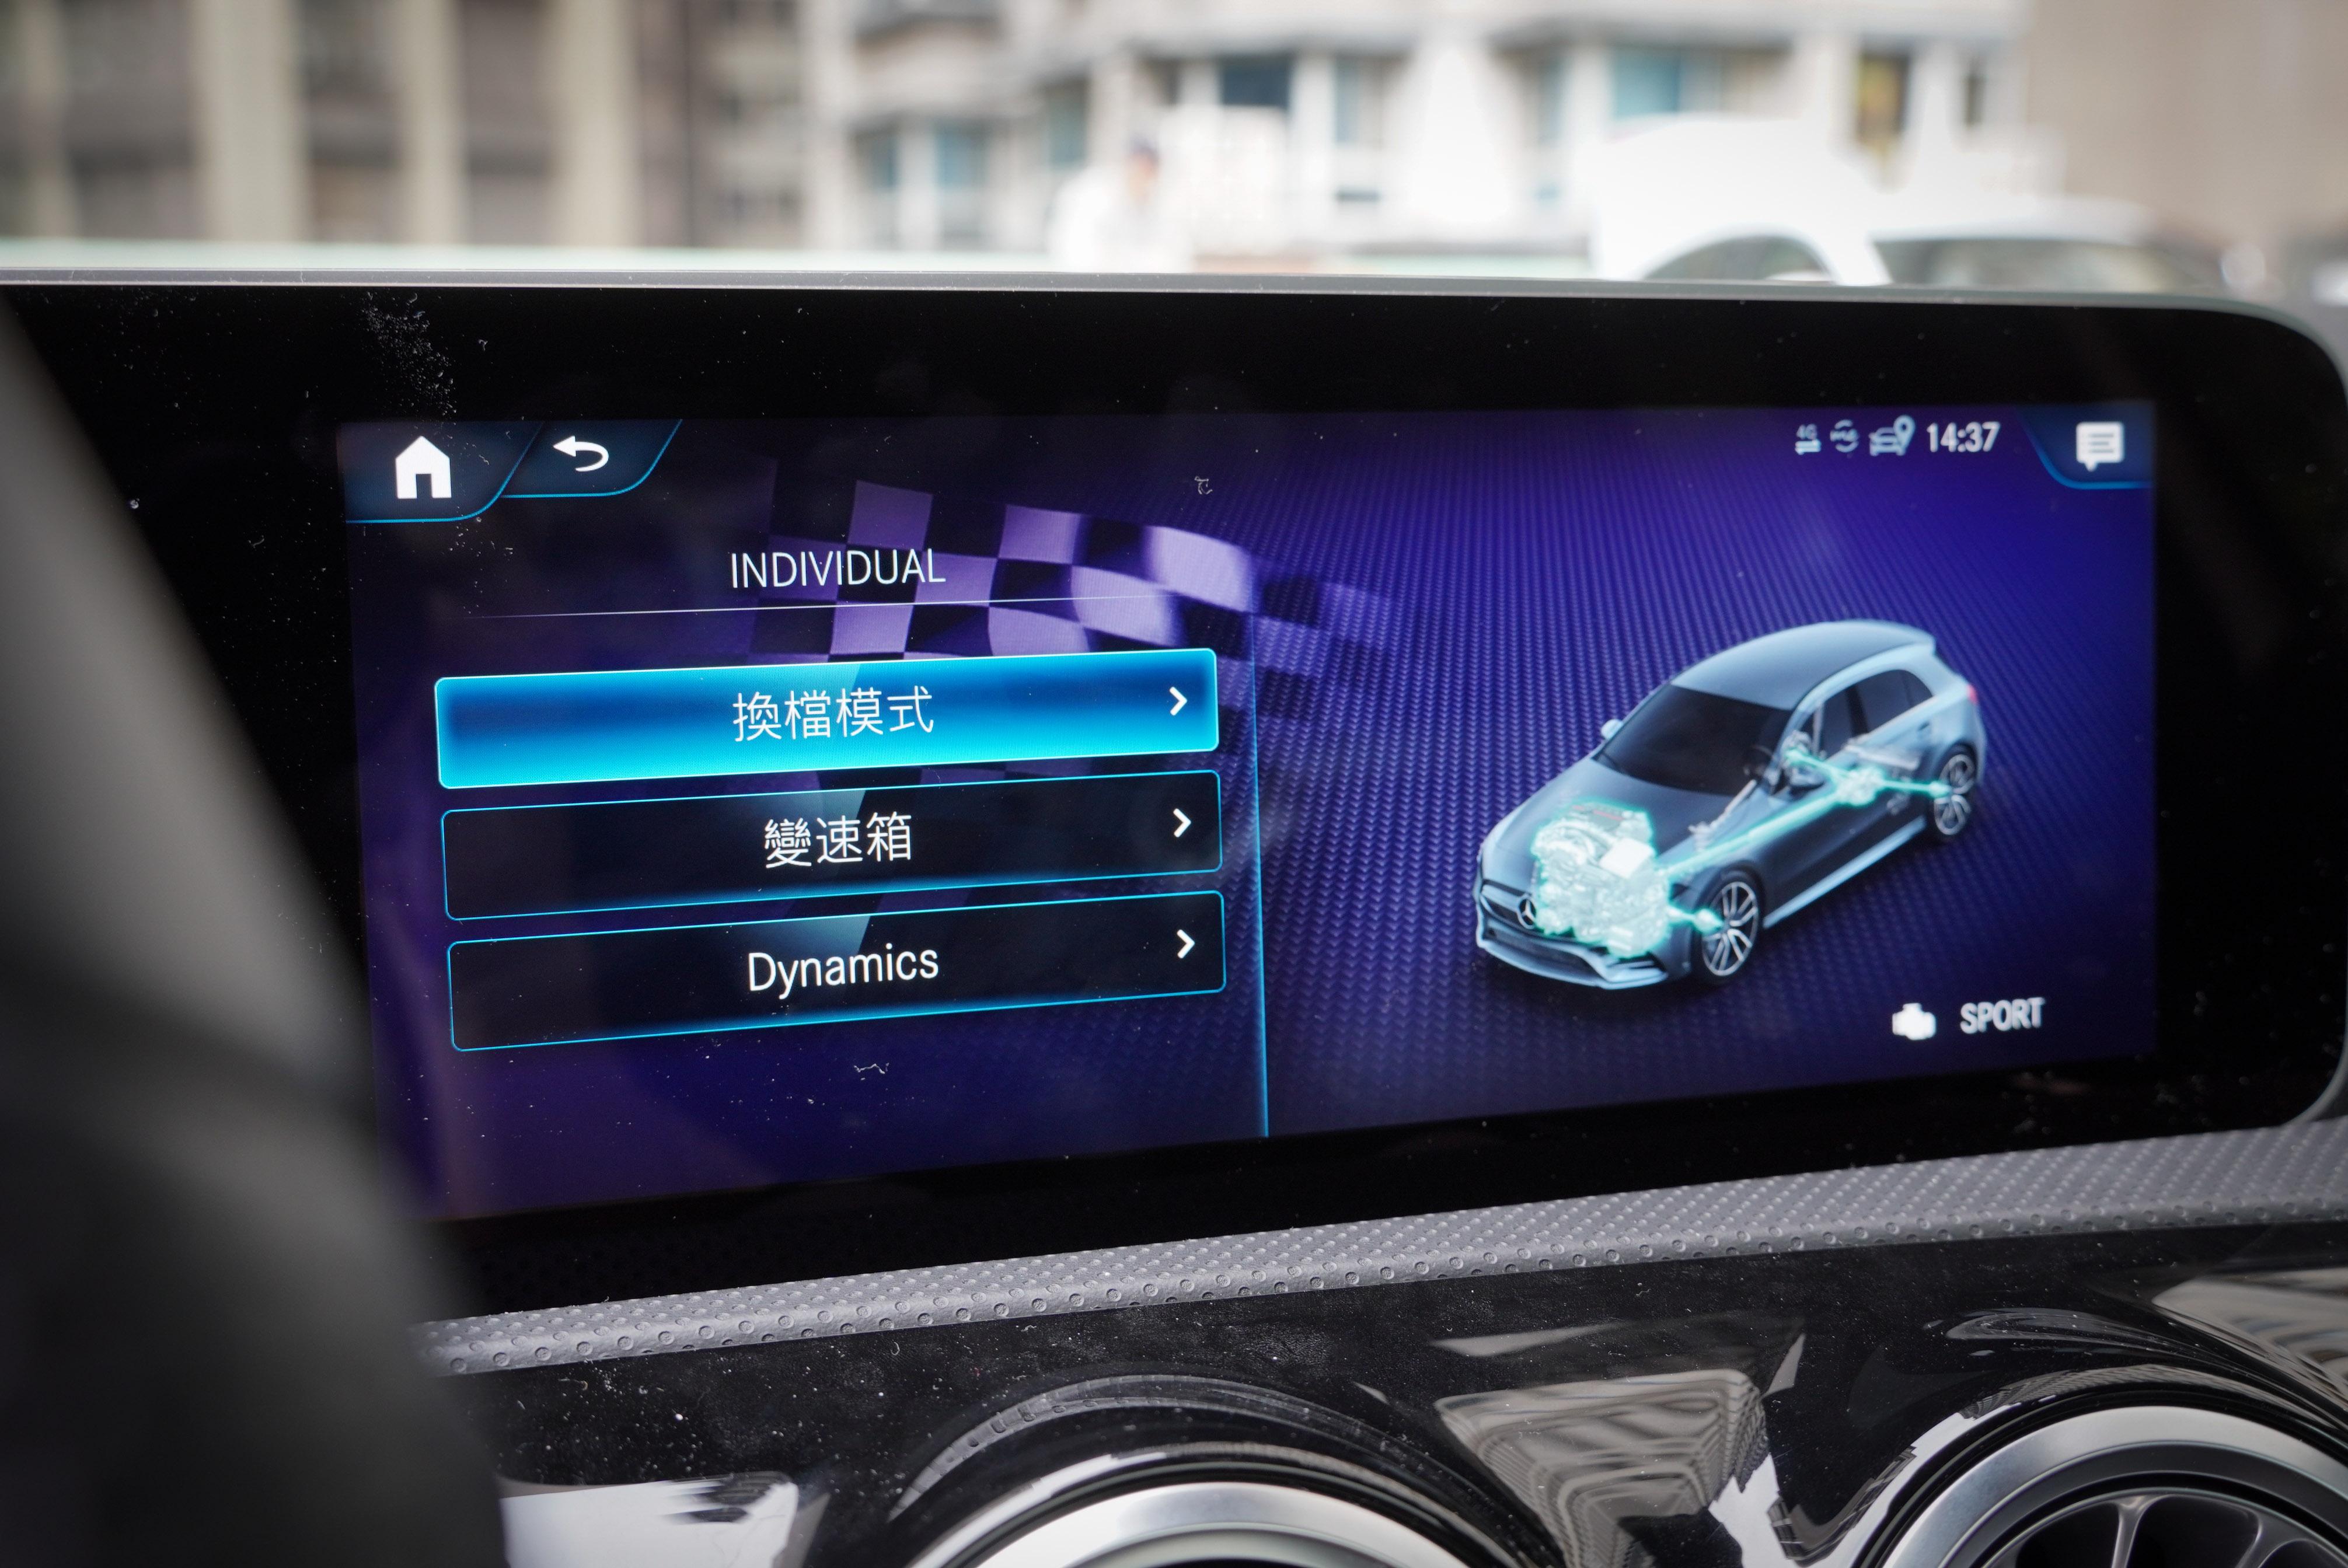 Individual 可自行組合換檔模式、變速箱邏輯、車輛動態。